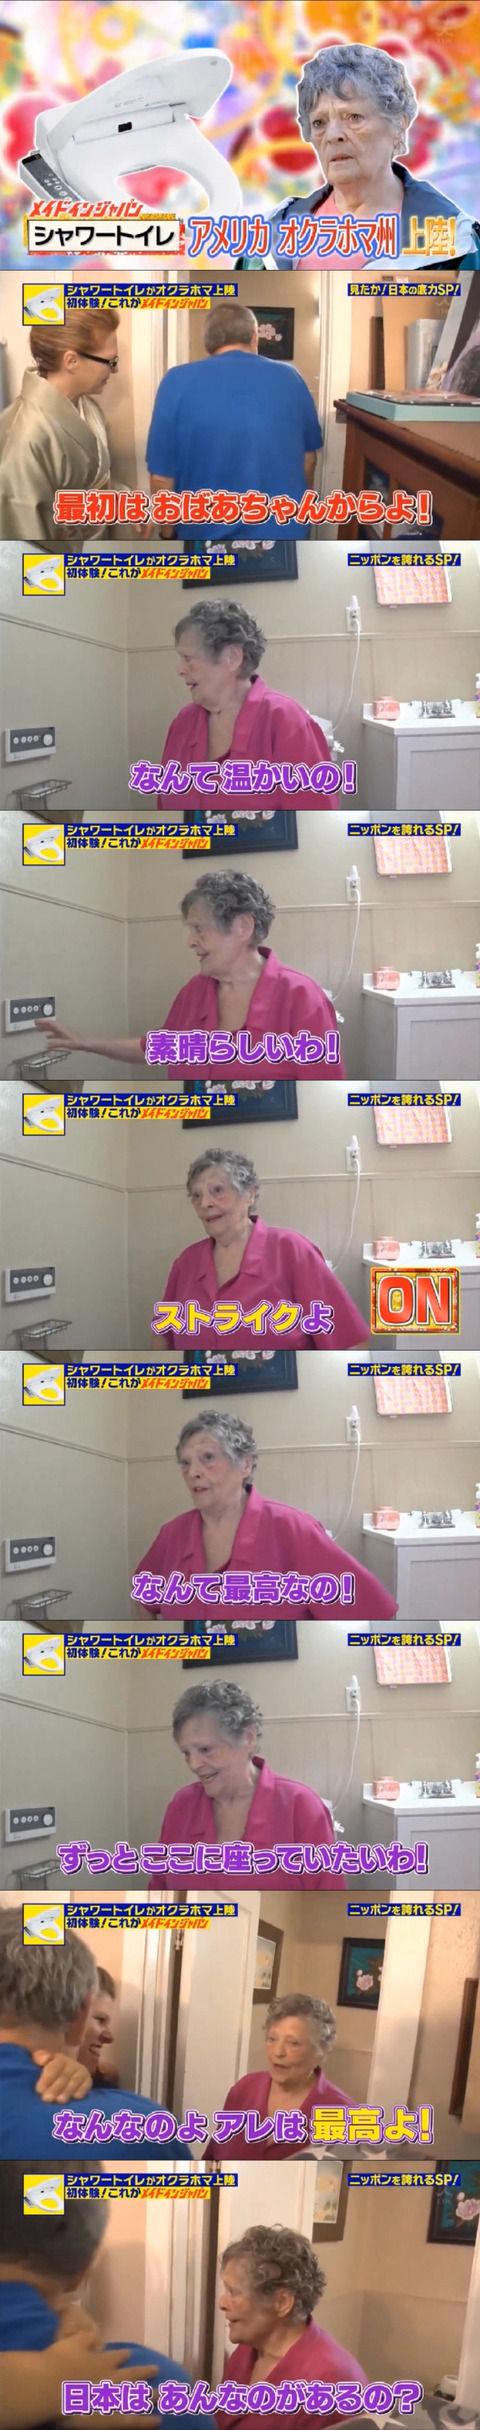 日本製トイレ、ケンカした白人夫婦を仲直りさせてしまうww